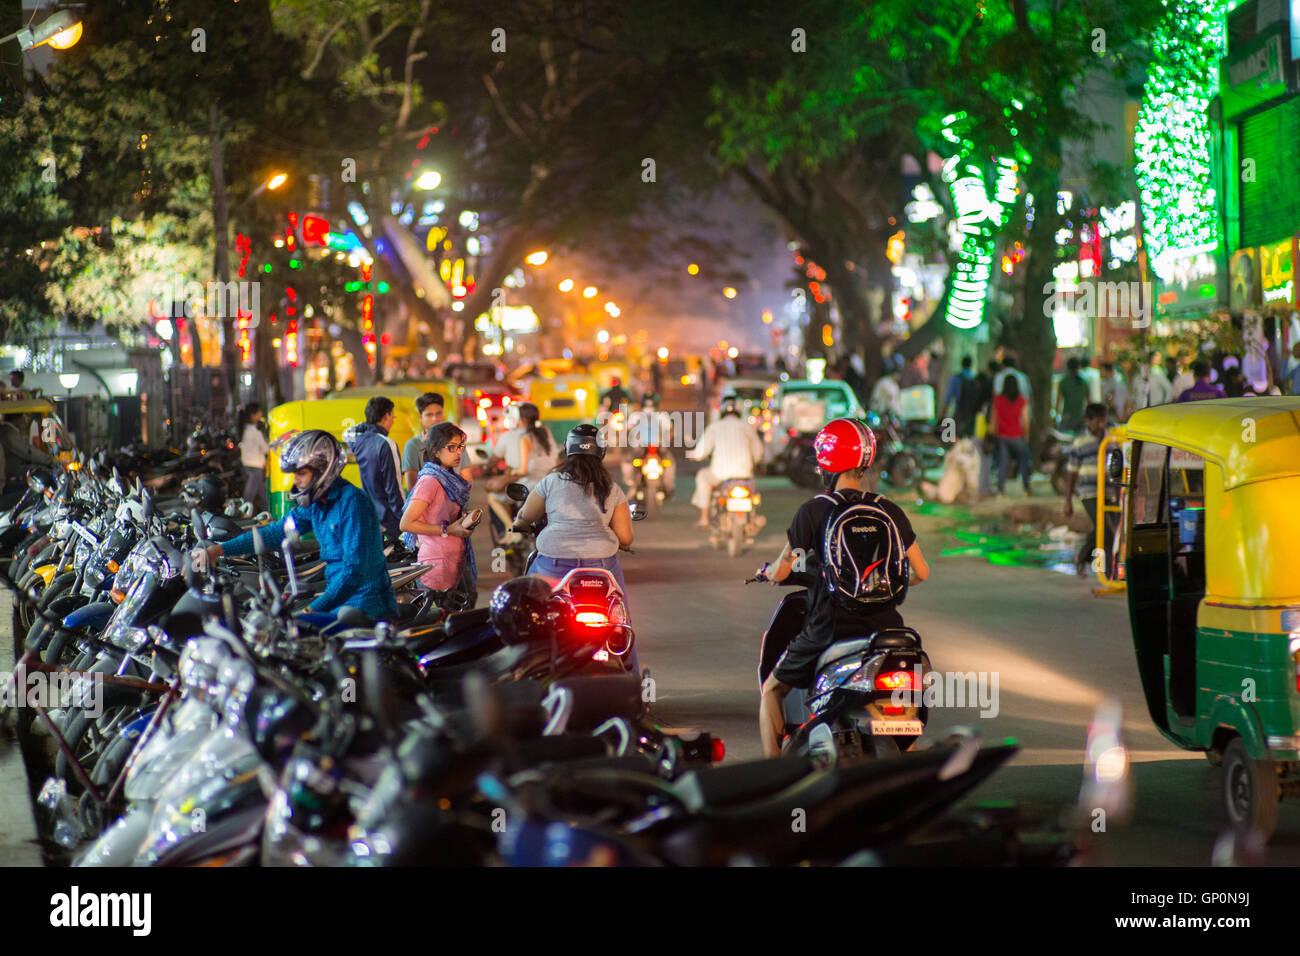 La strada è piena di gente e scooter in il partito popolare zona di notte a Bangalore in India Immagini Stock